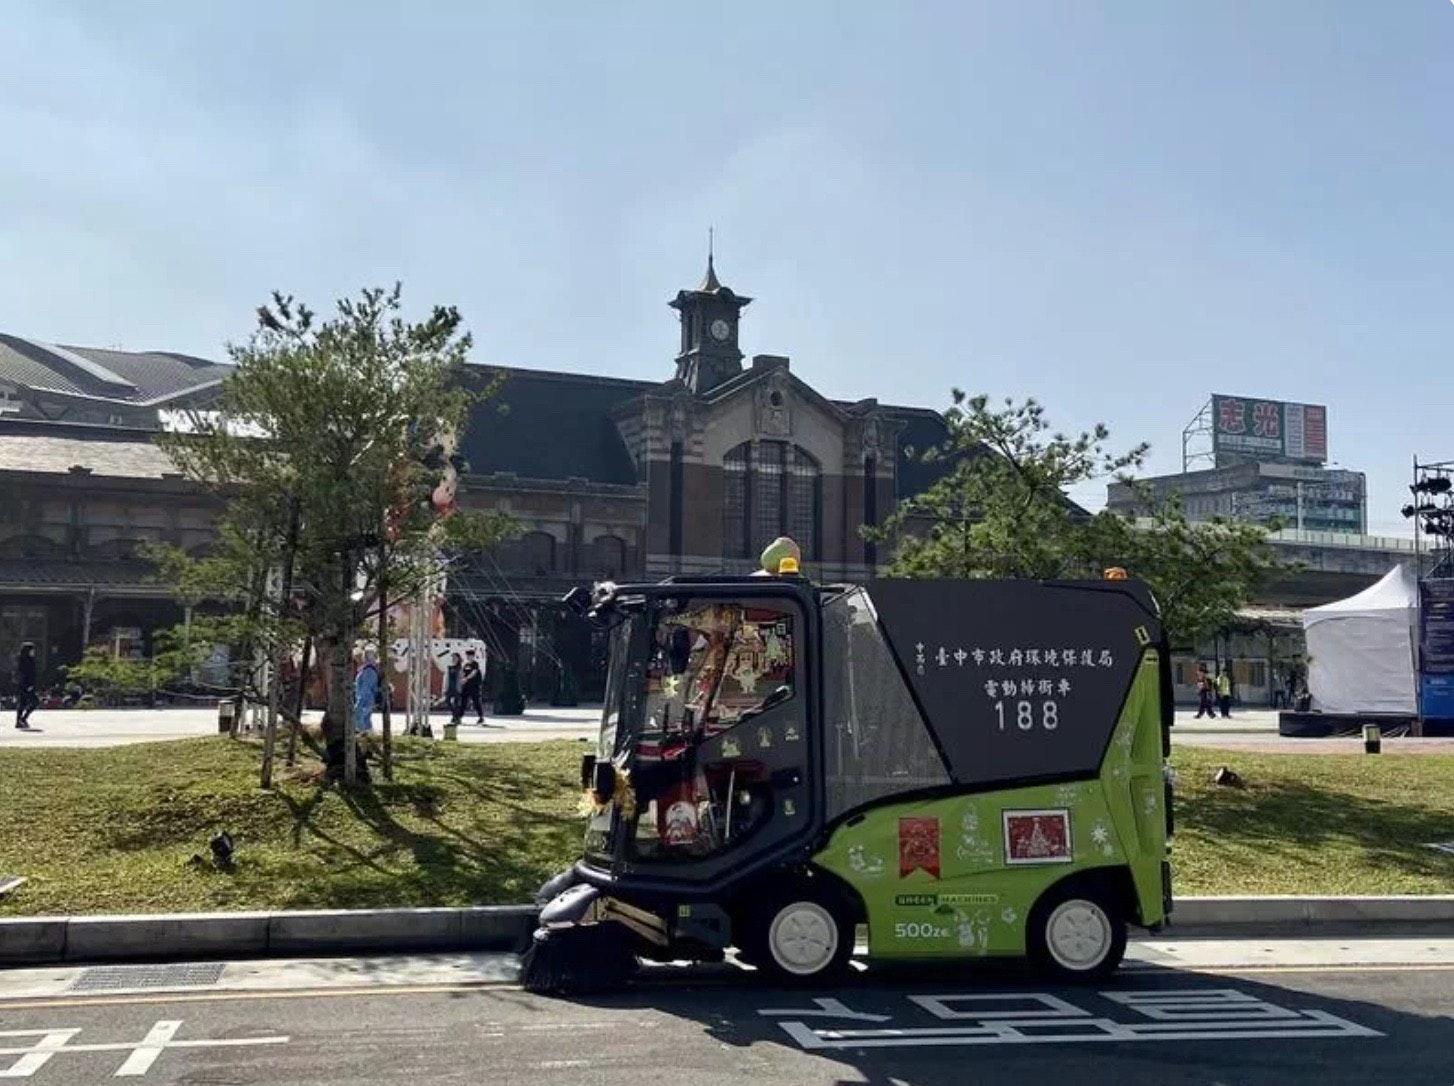 照片中提到了1、士中市政府球境保護局、動特街車,跟Octo Telematics有關,包含了台中老站、台中市、中央通訊社、政治、汽車